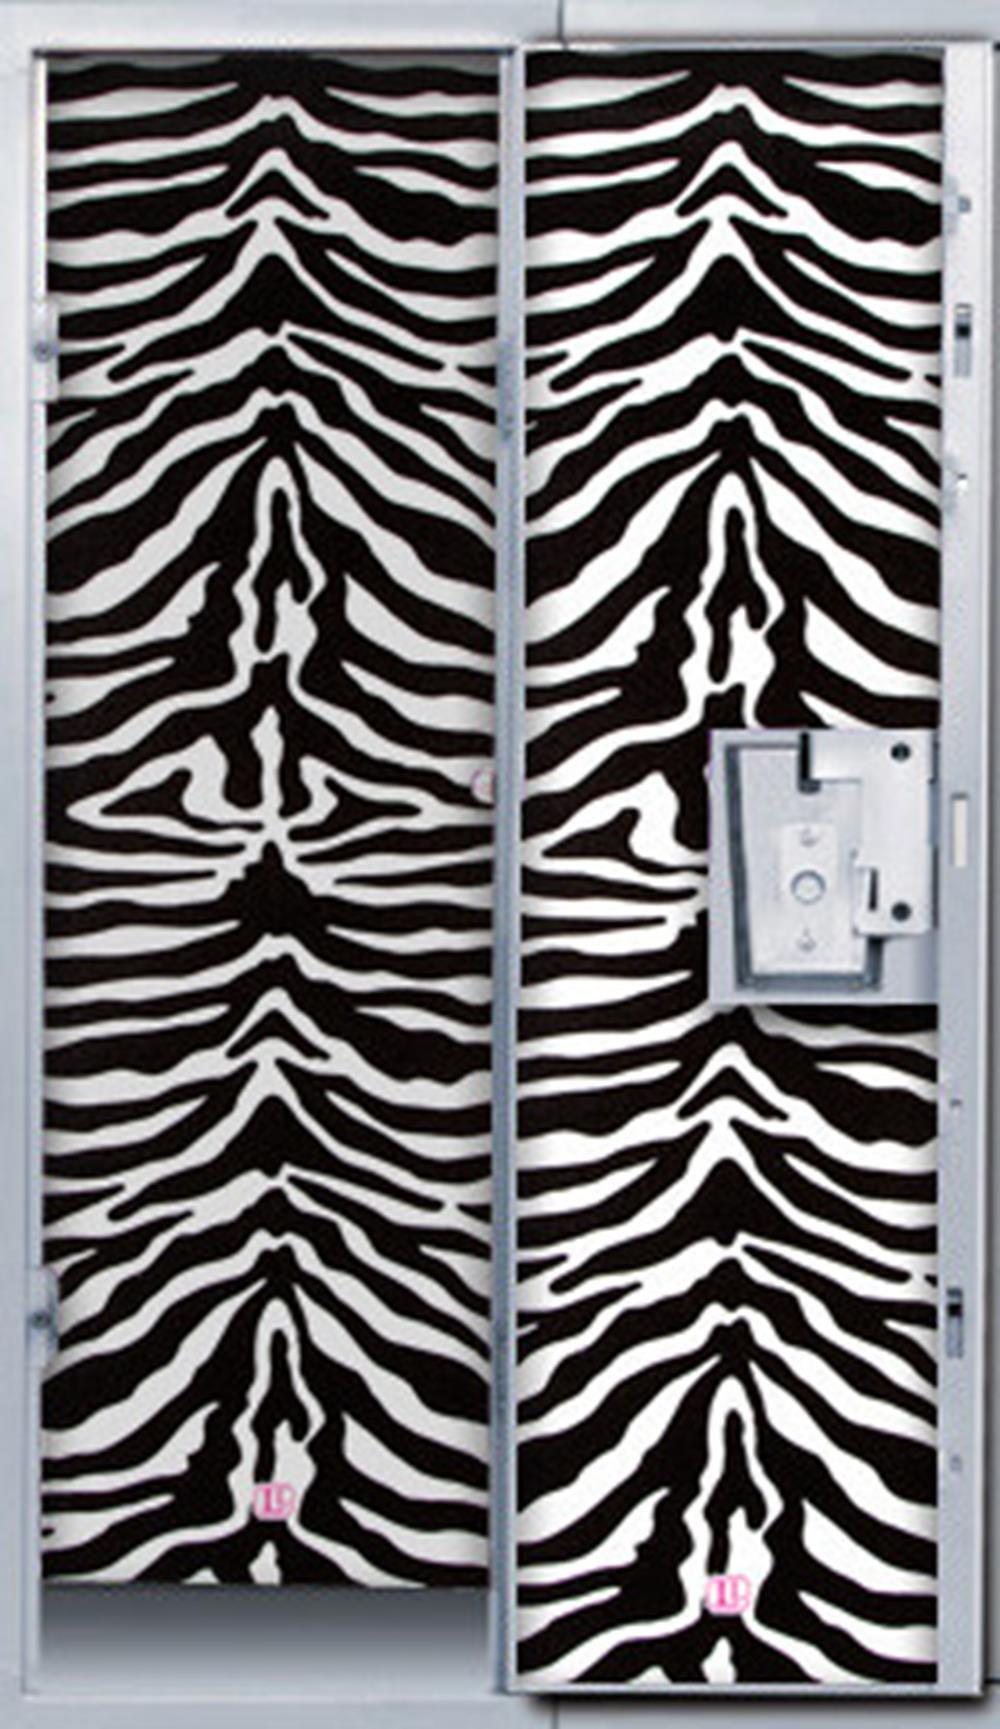 Darice 4 Panels Locker Lookz Wallpaper, Black and White Zebra